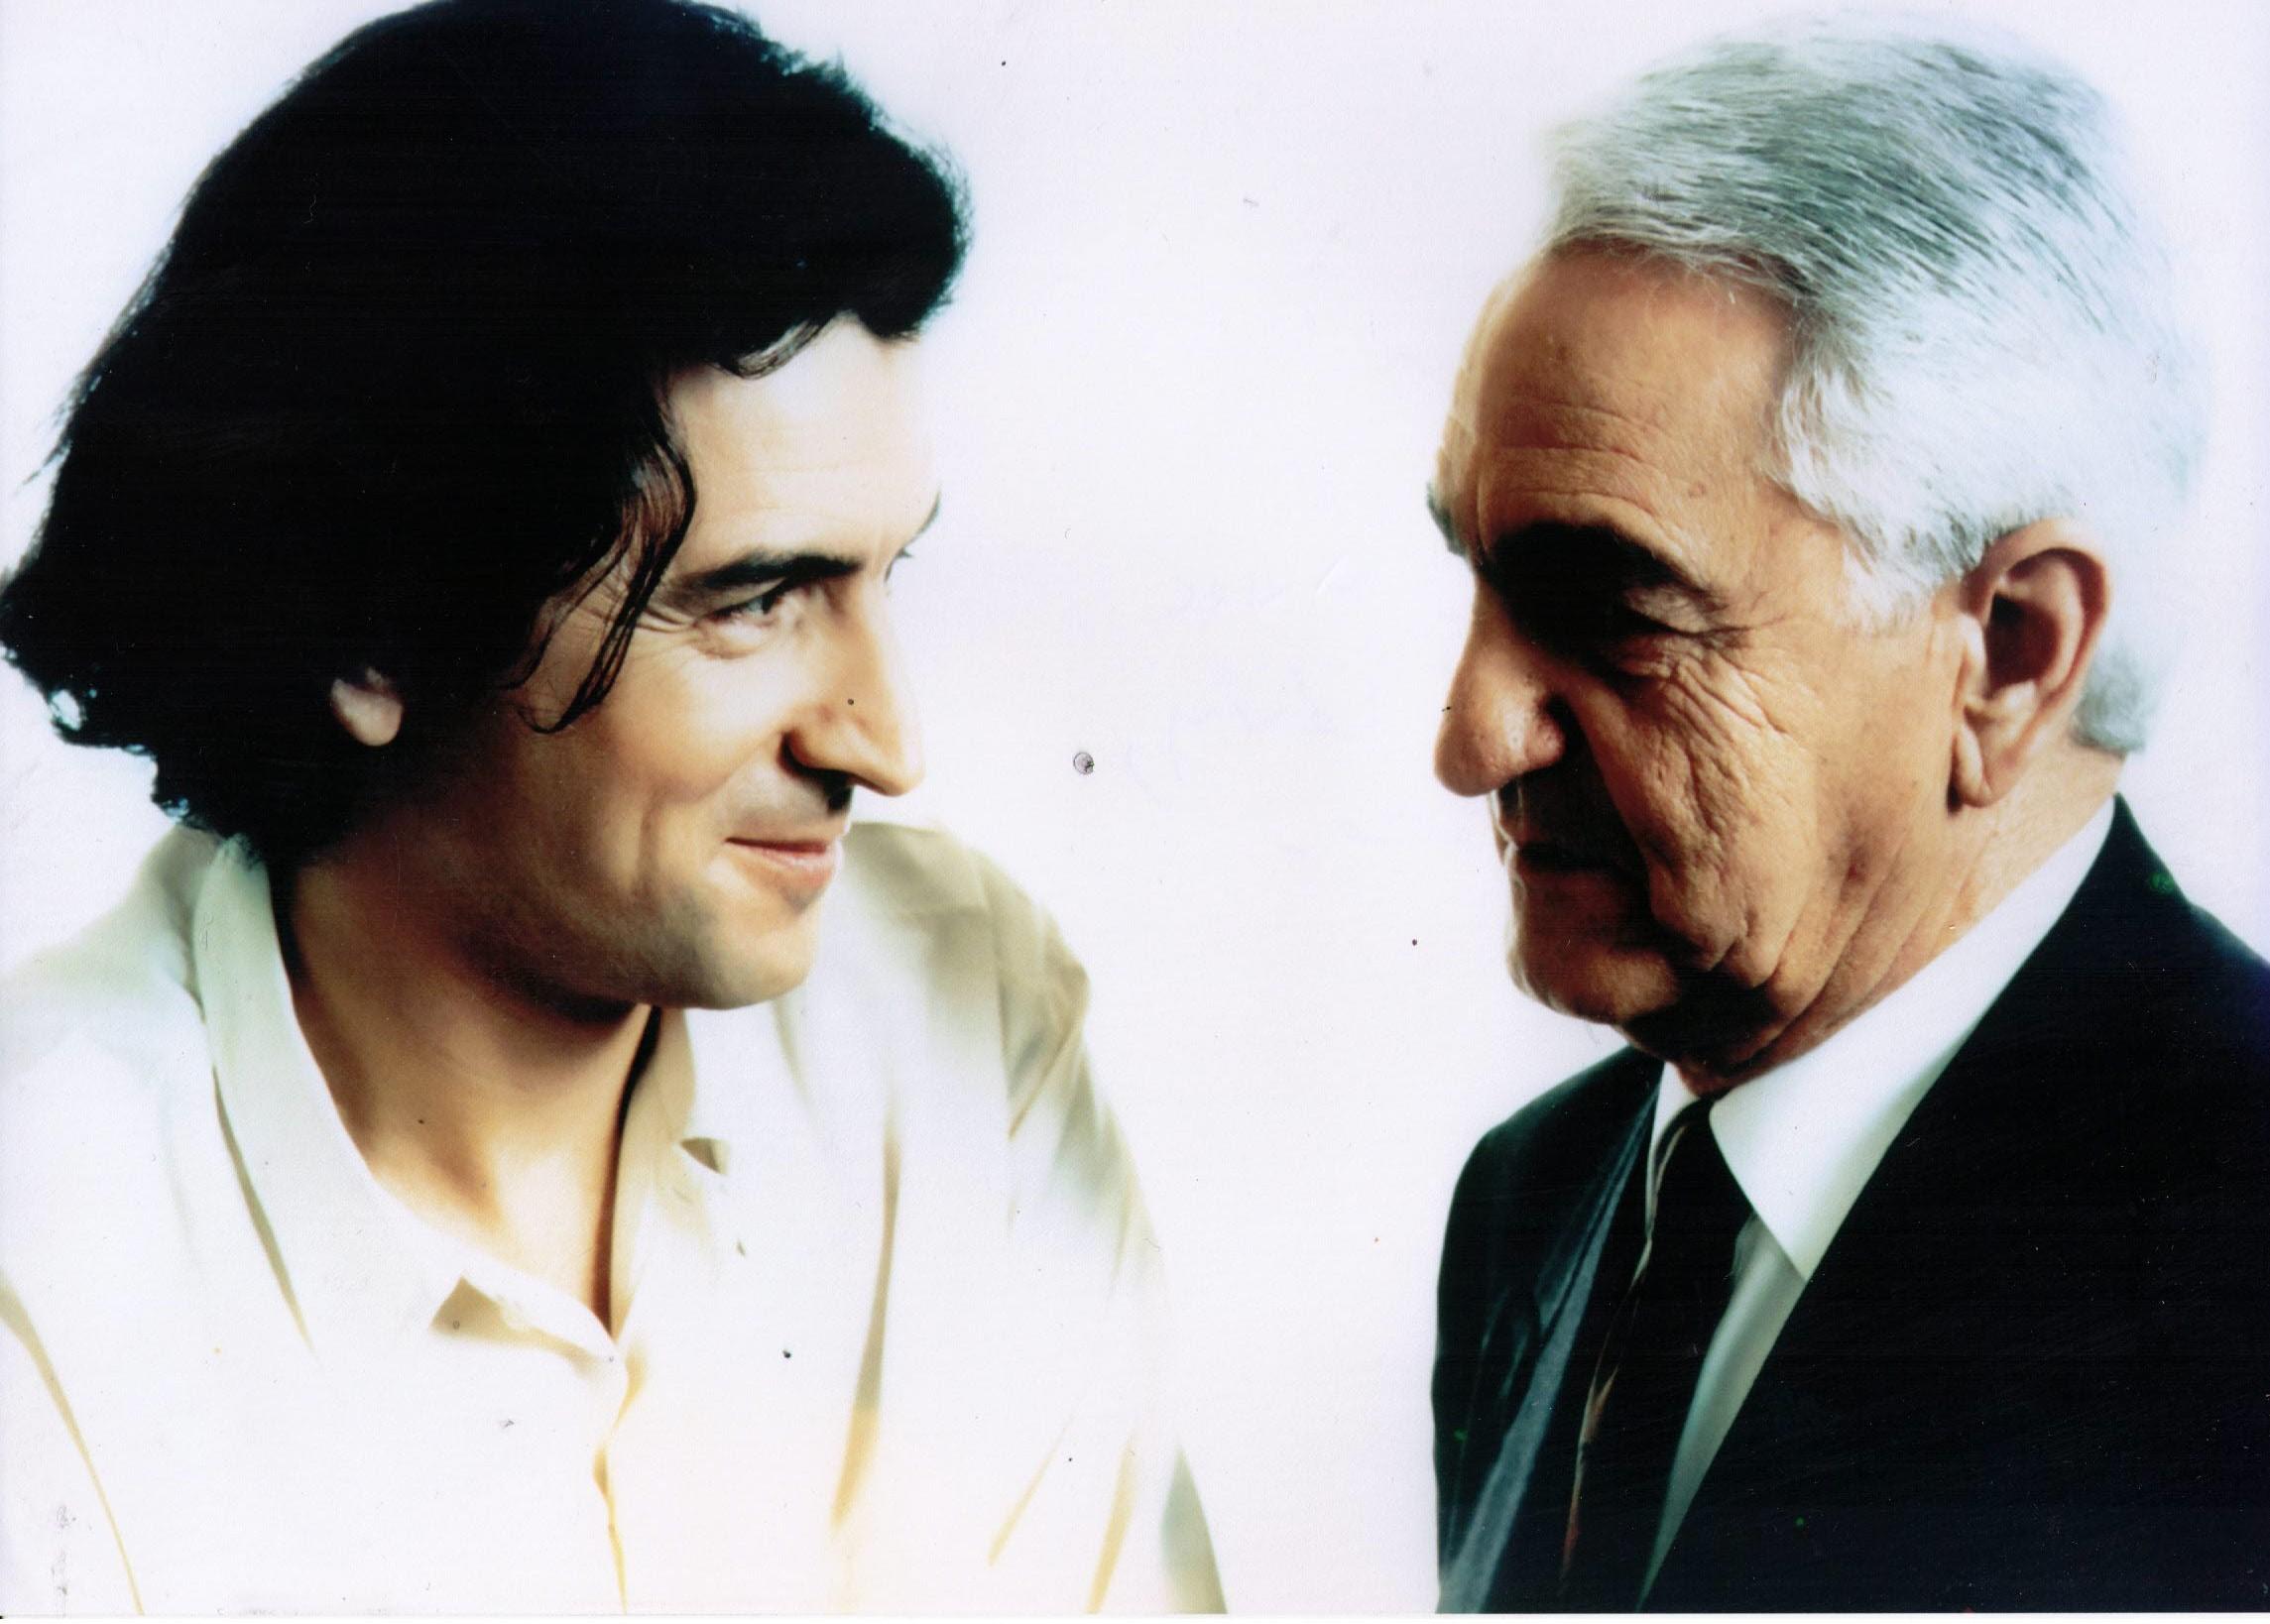 Portrait du philosophe Bernard-Henri Lévy et son père André Lévy.